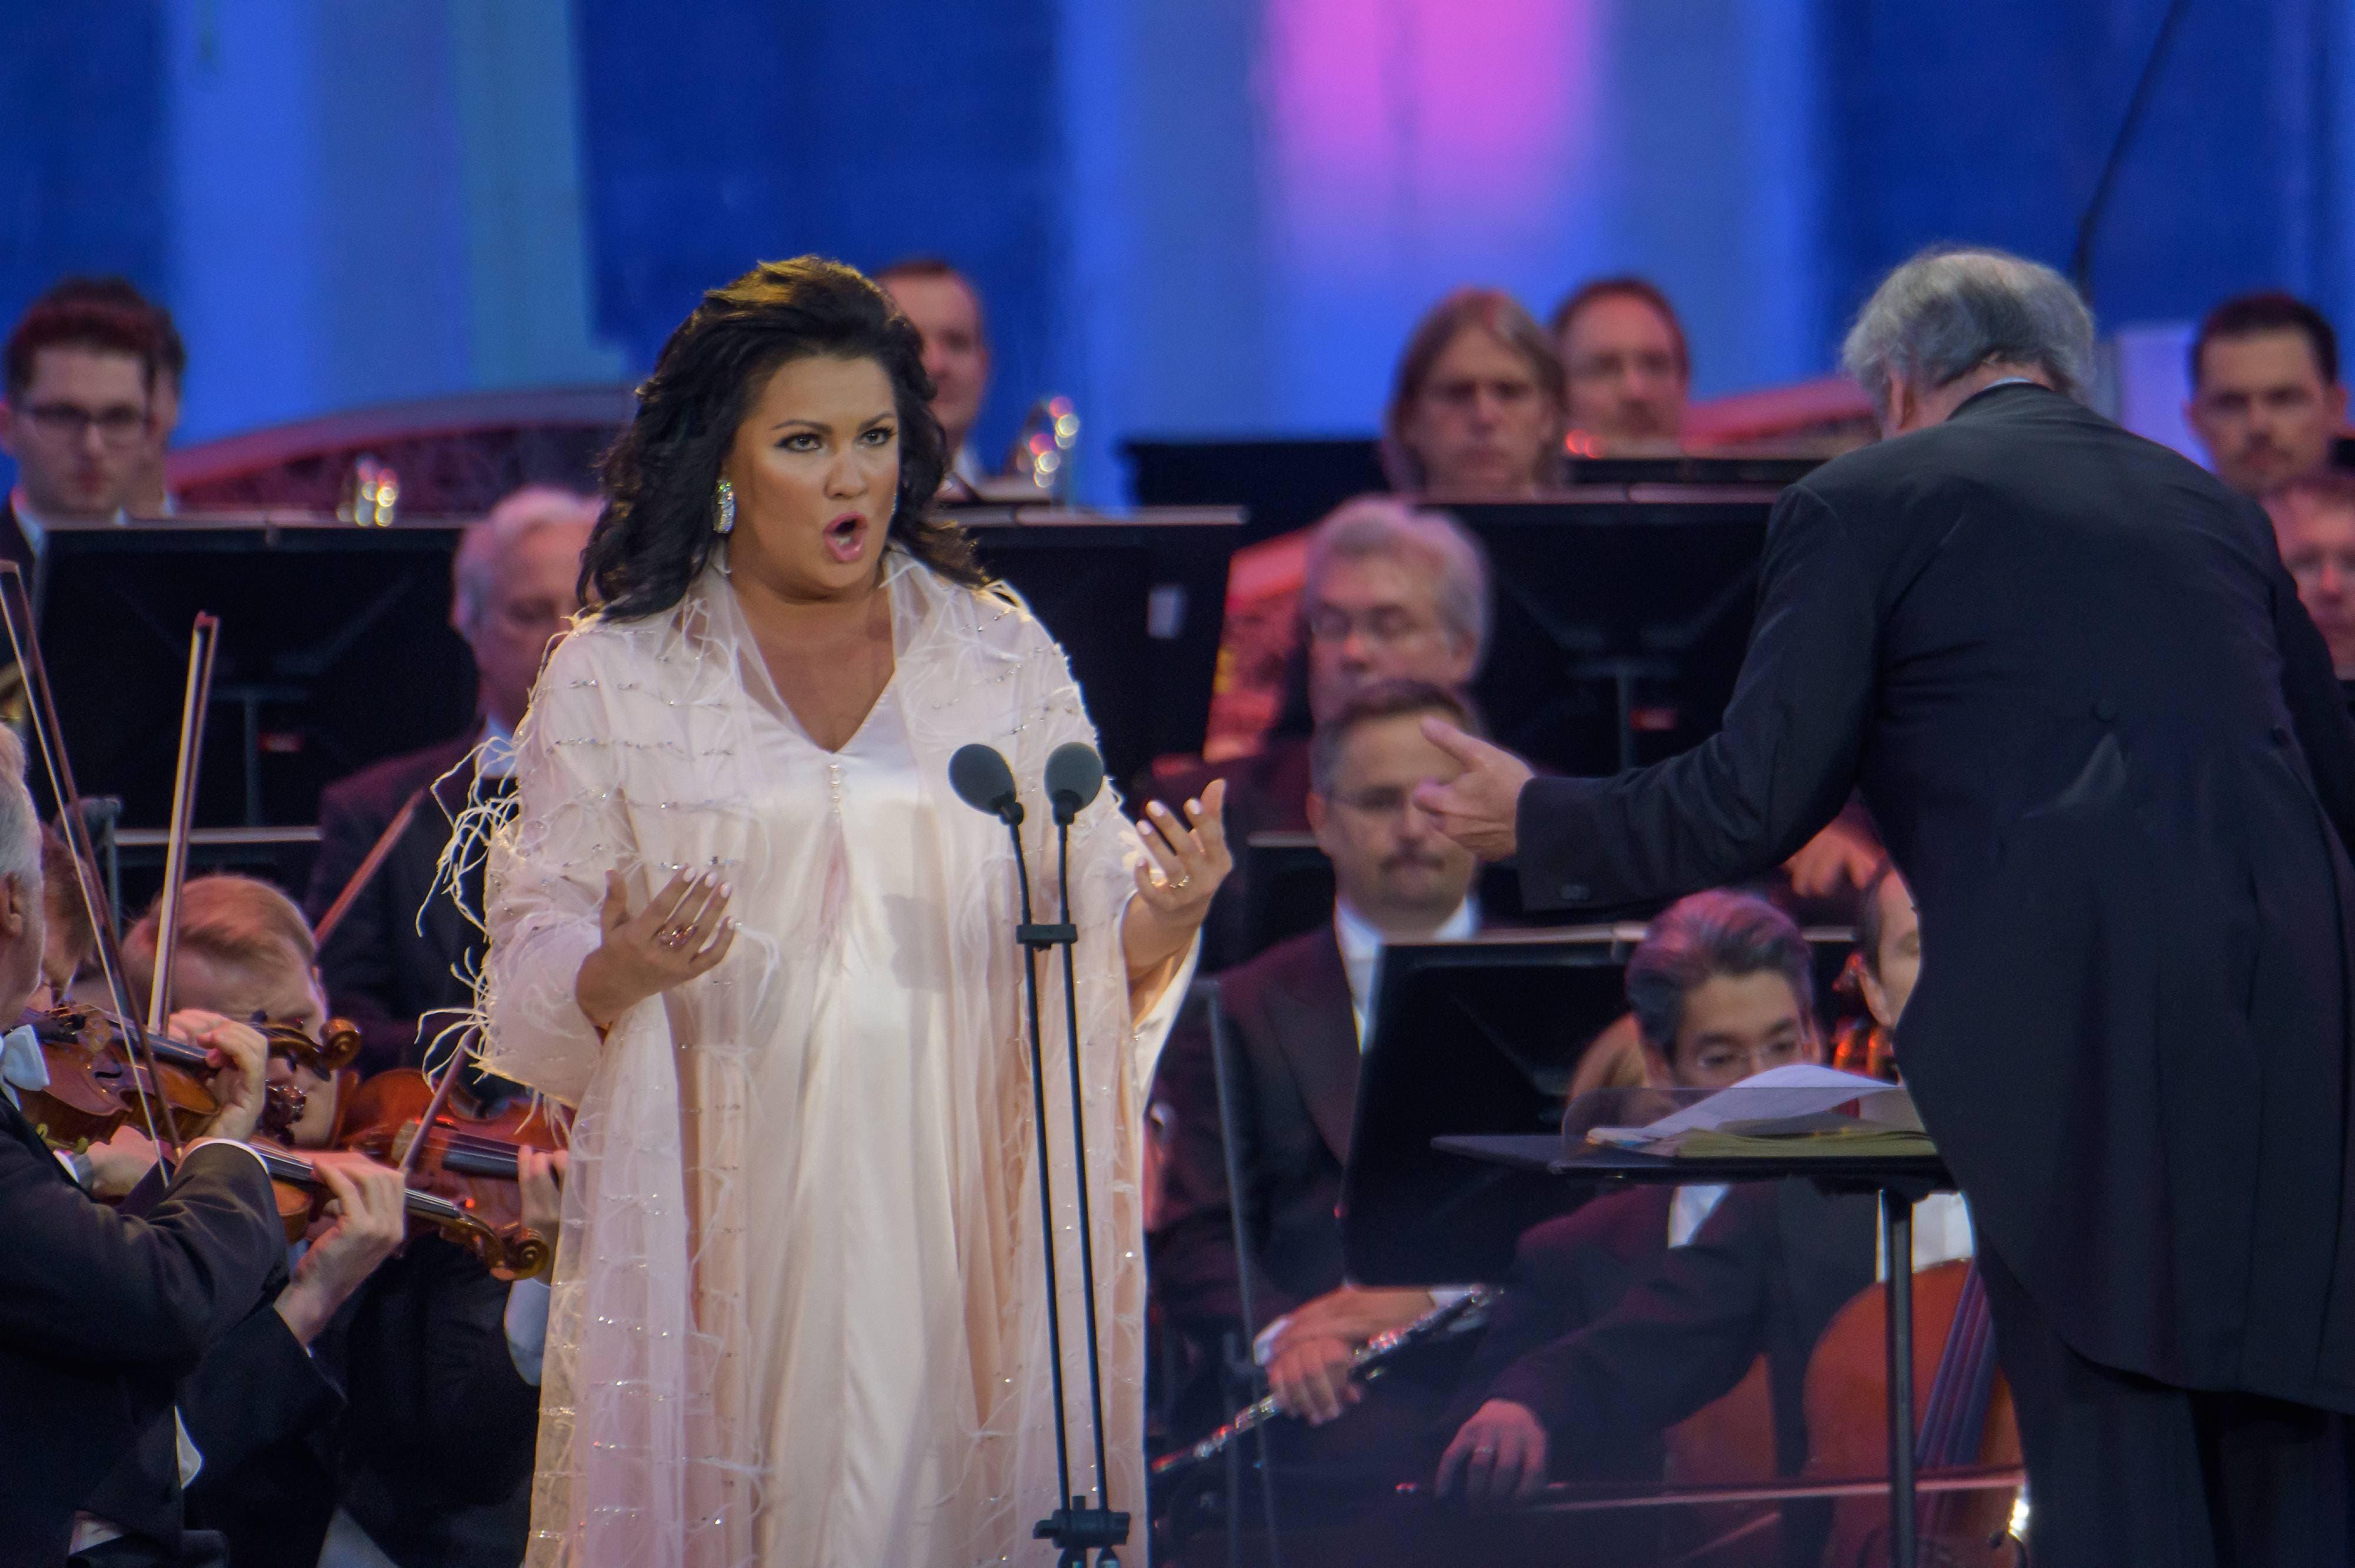 Opernstar Anna Netrebko am Sommernachtskonzert der Wiener Philharmoniker. (Bild: Imago, Wien, 31. Mai 2018)